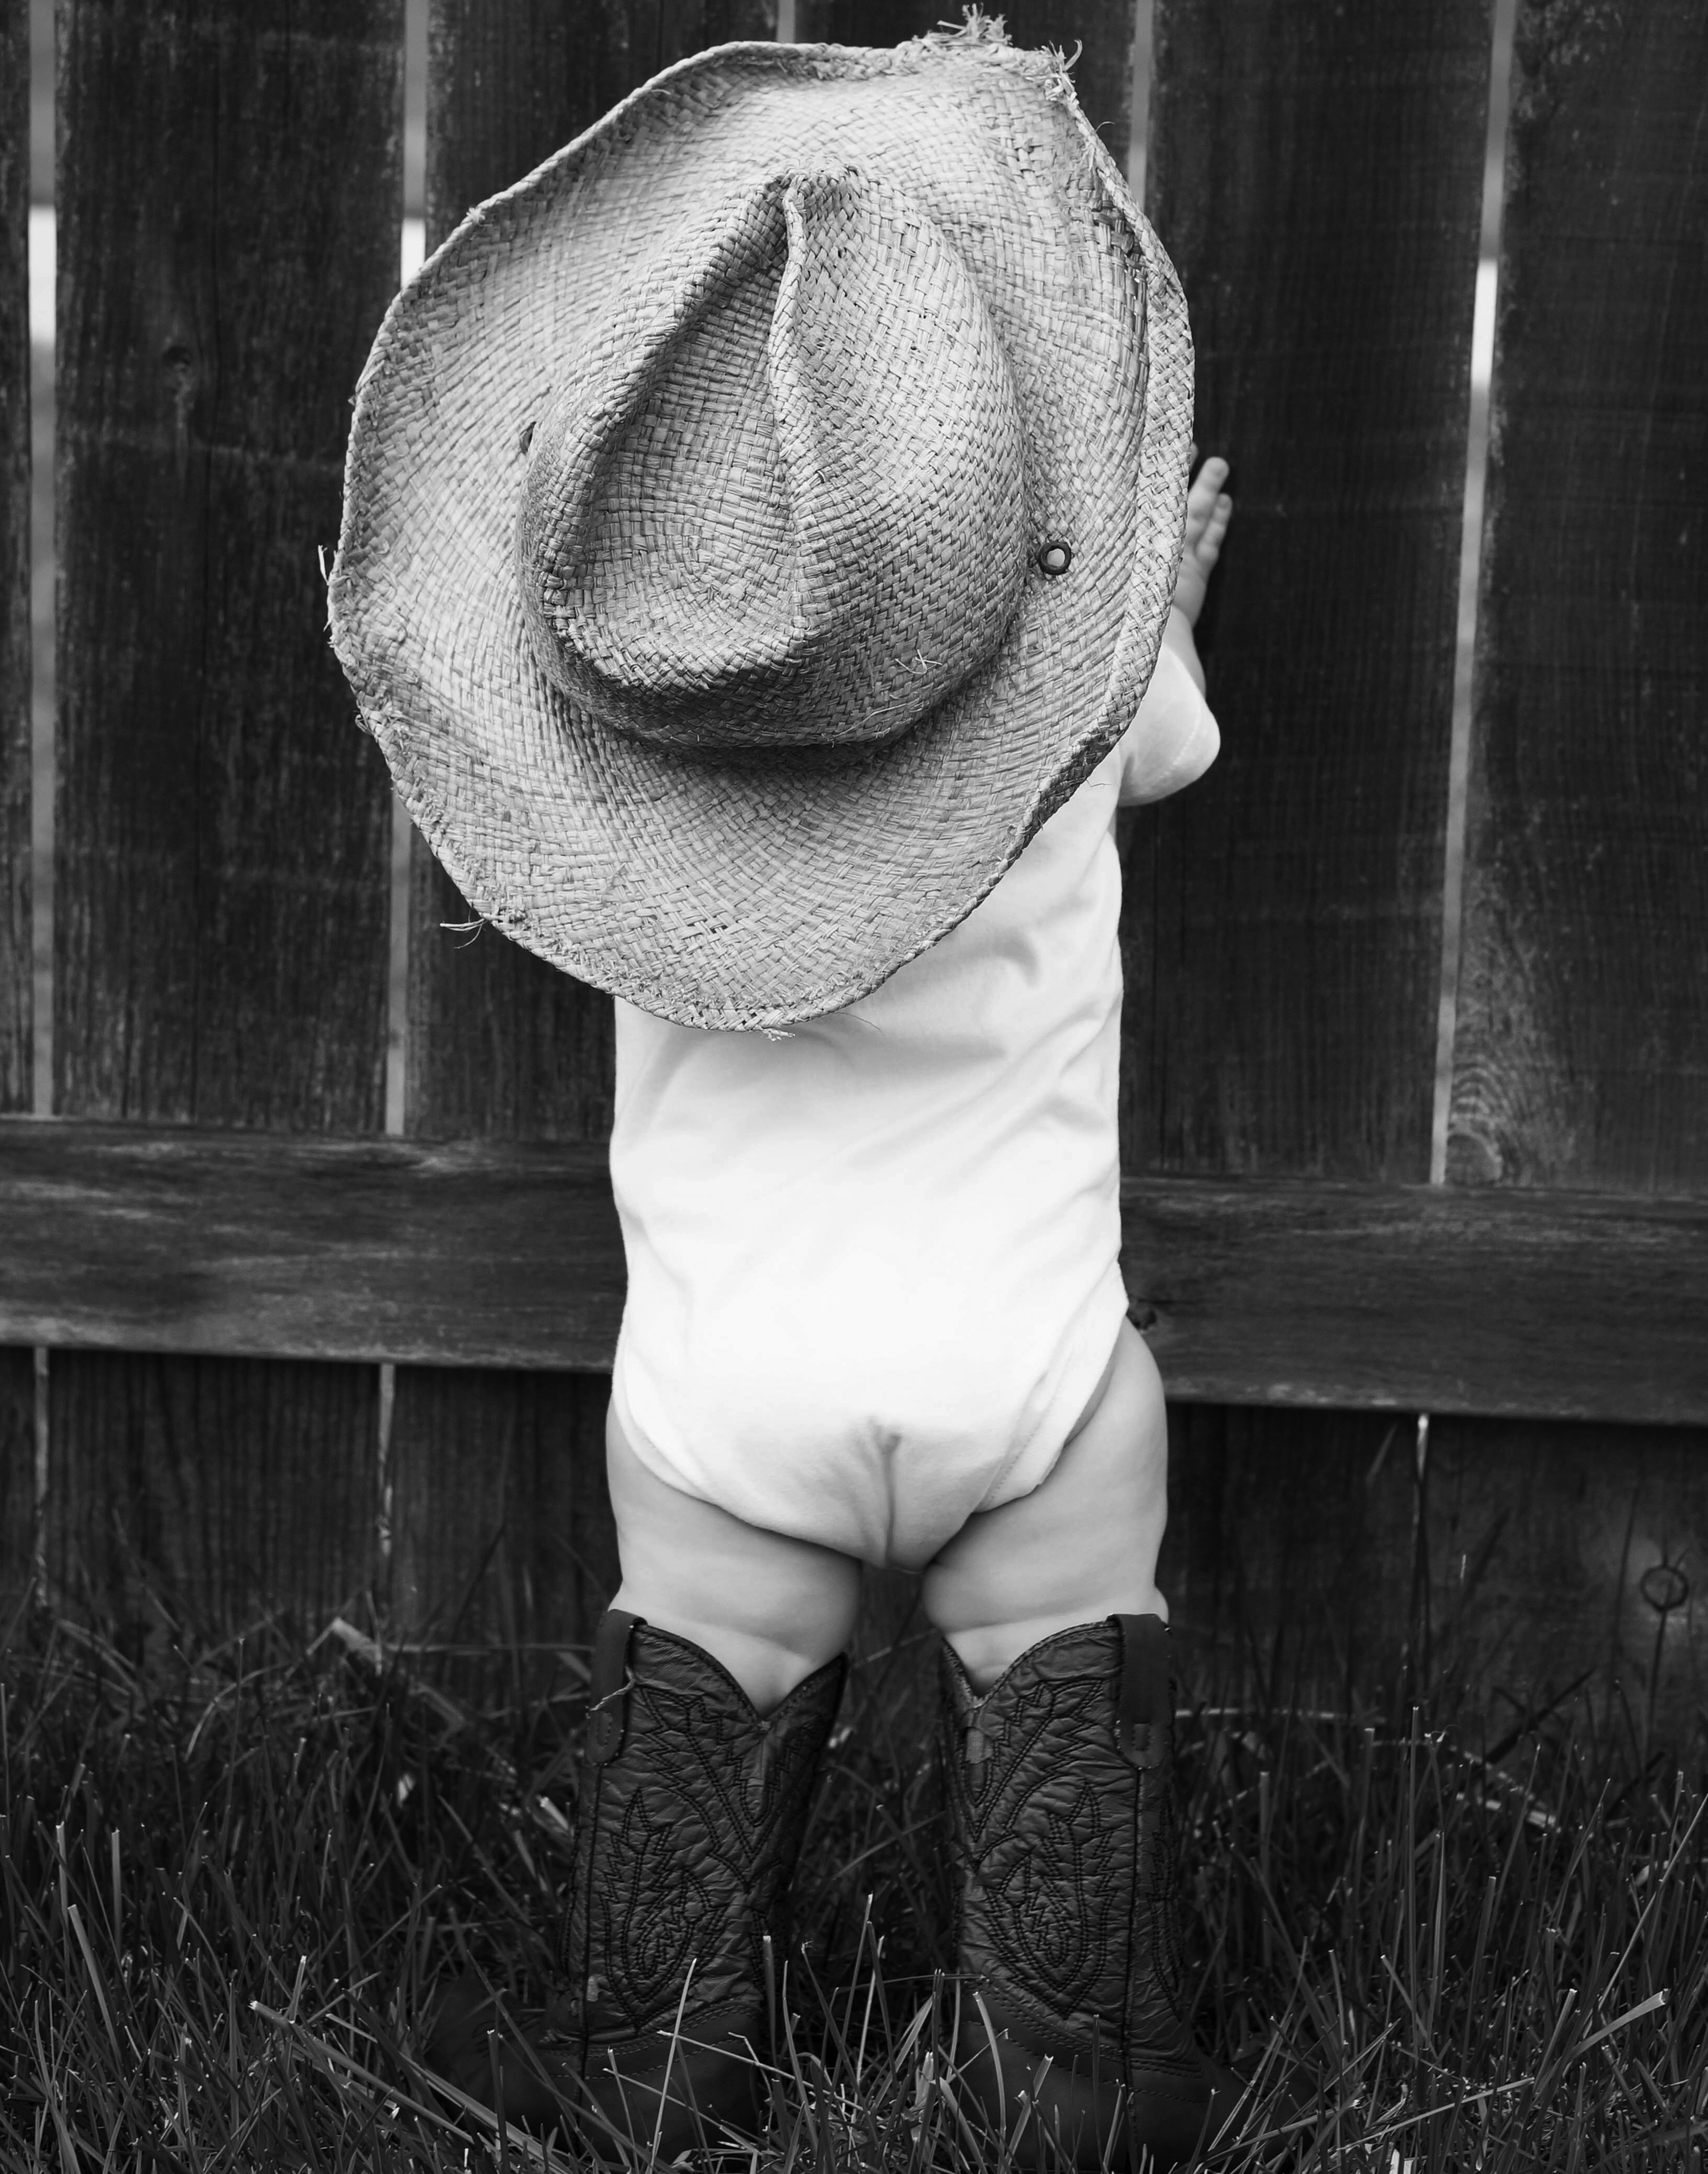 CowboyBaby-People.jpg